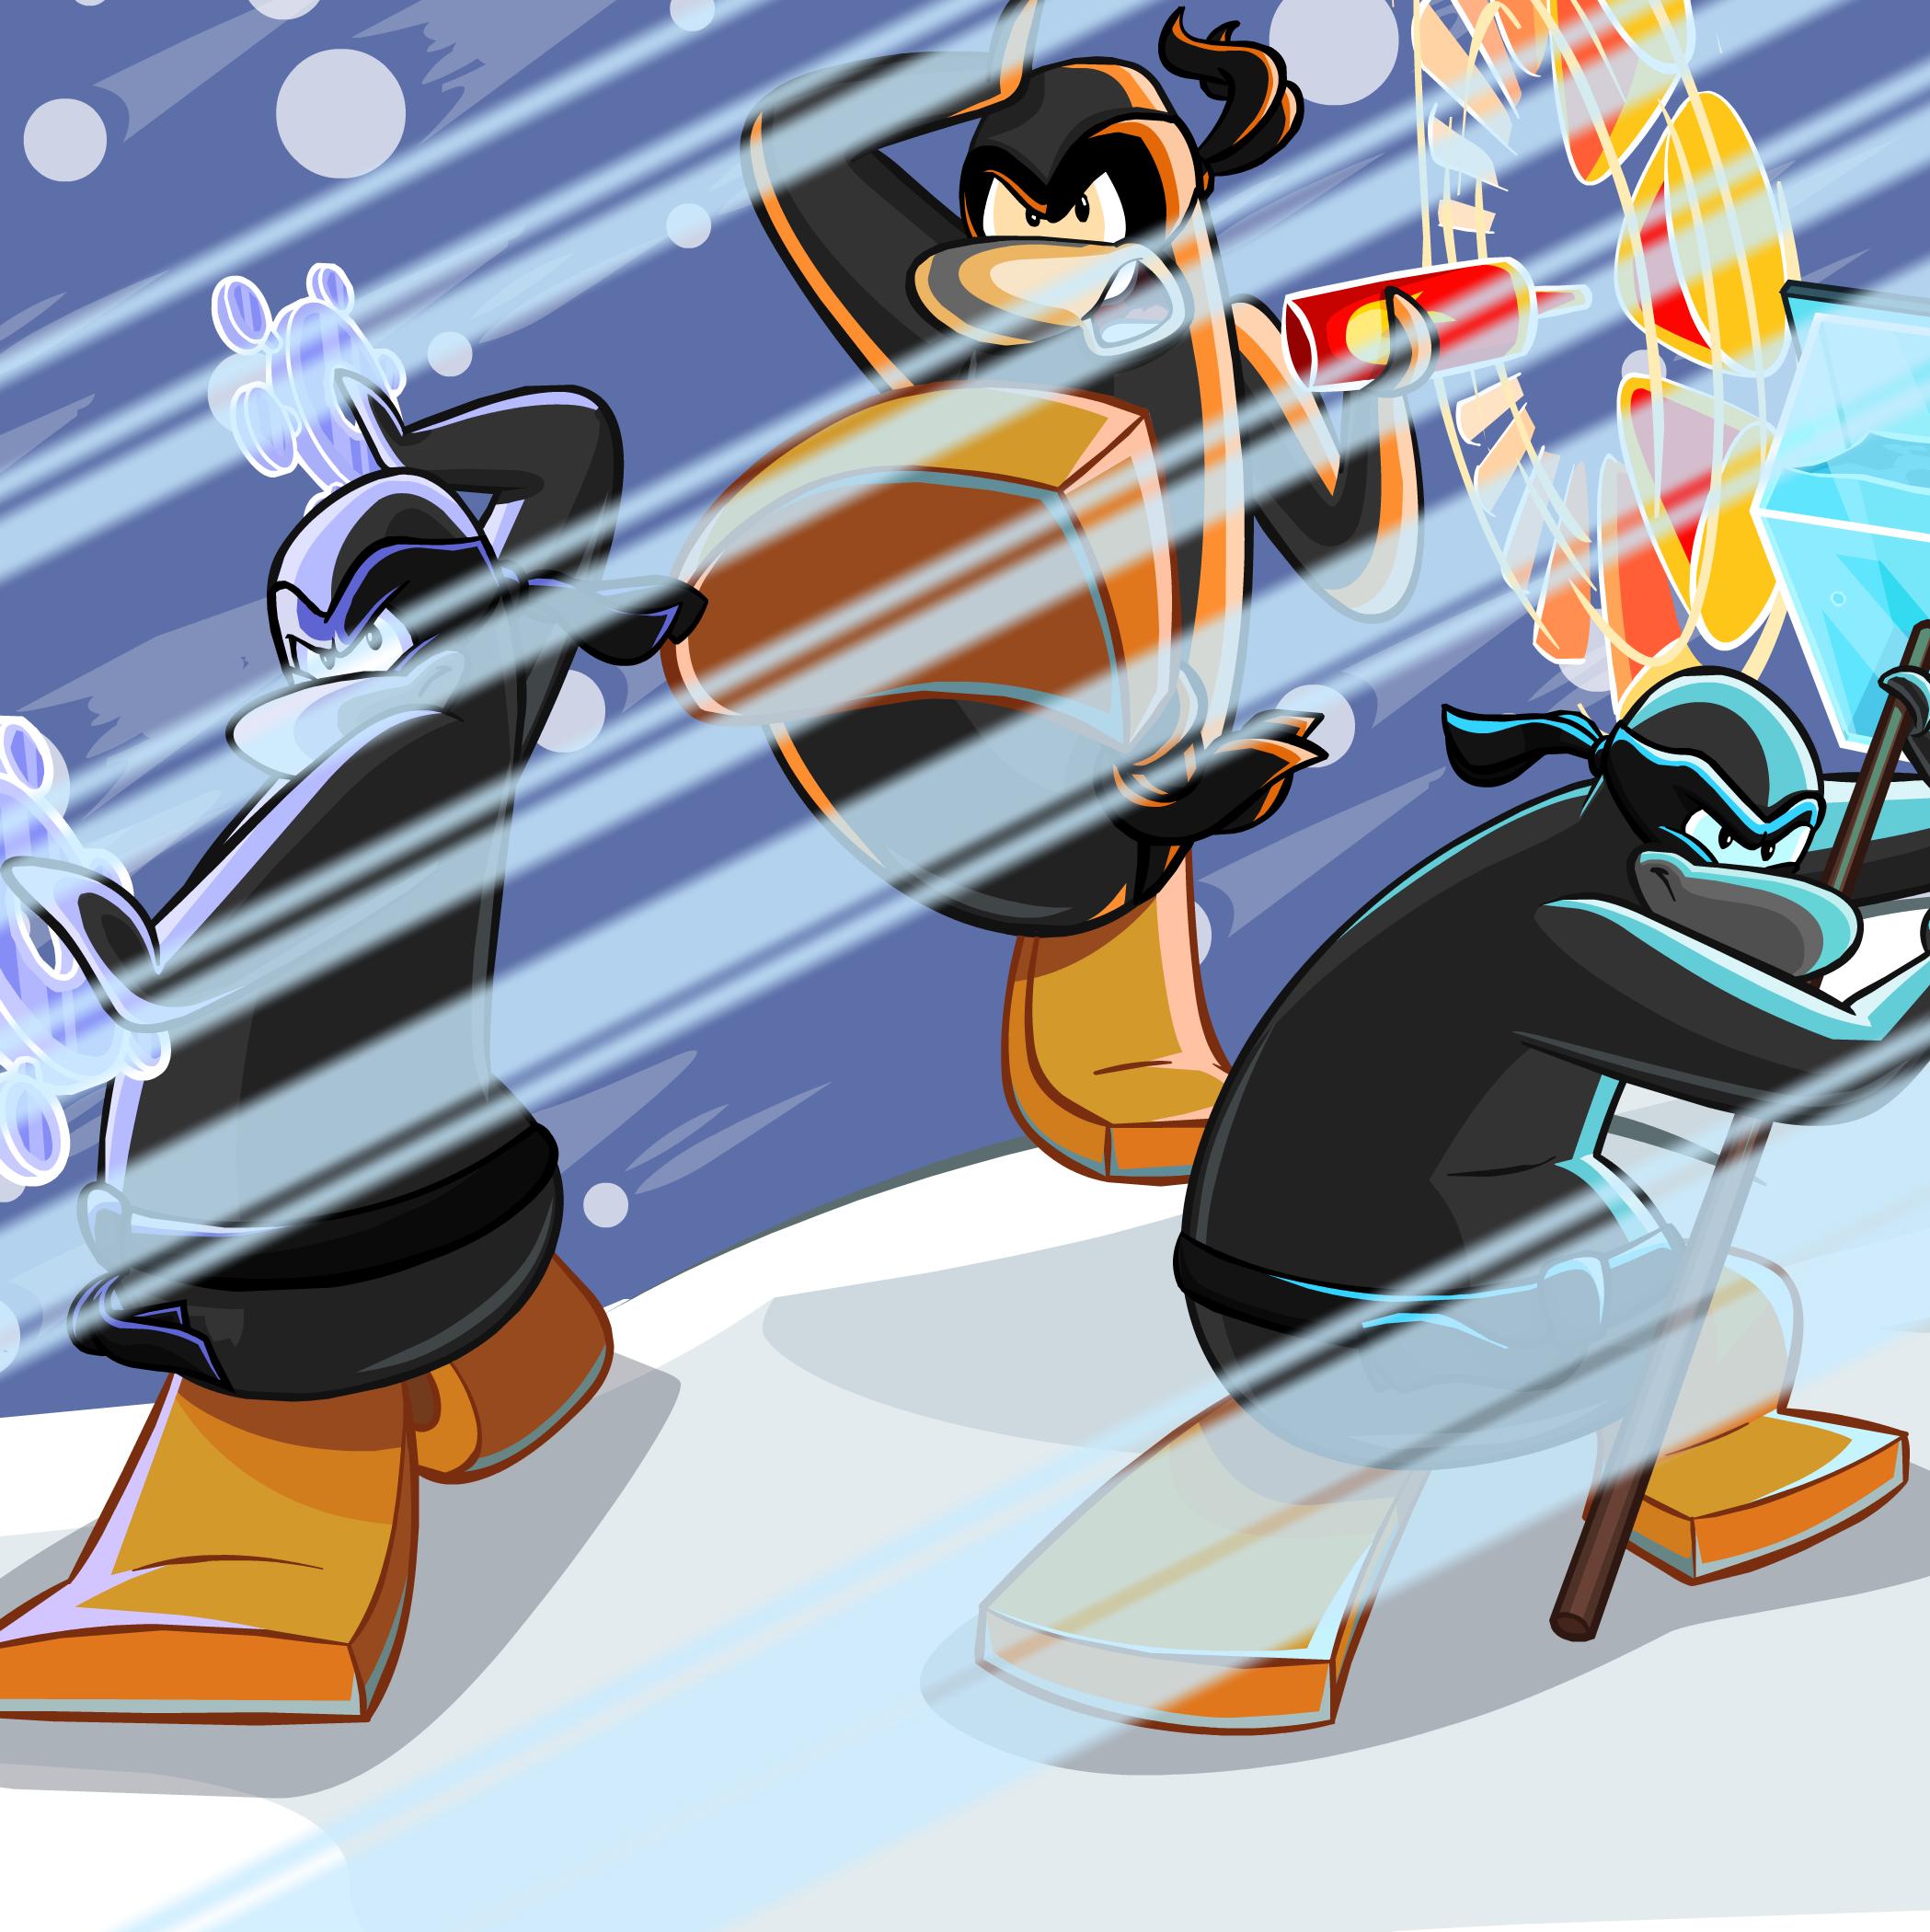 Penguin Chat 2 - RocketSnail.com